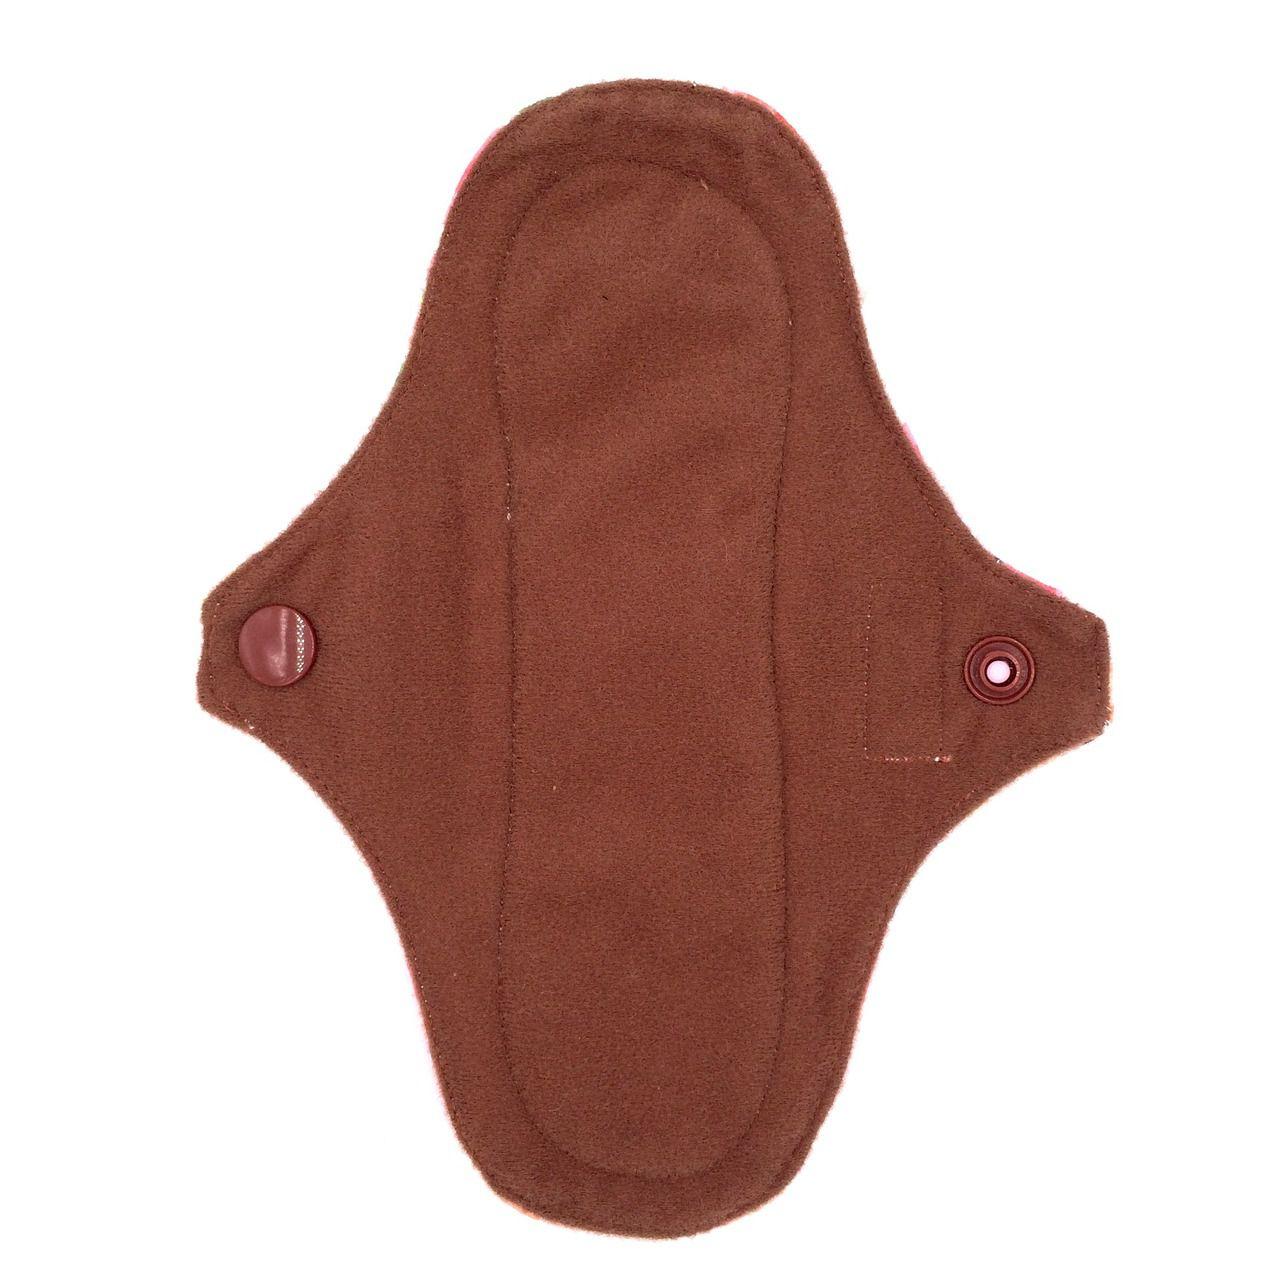 Kit Absorventes Reutilizáveis Korui Moderado - Conforto Seco